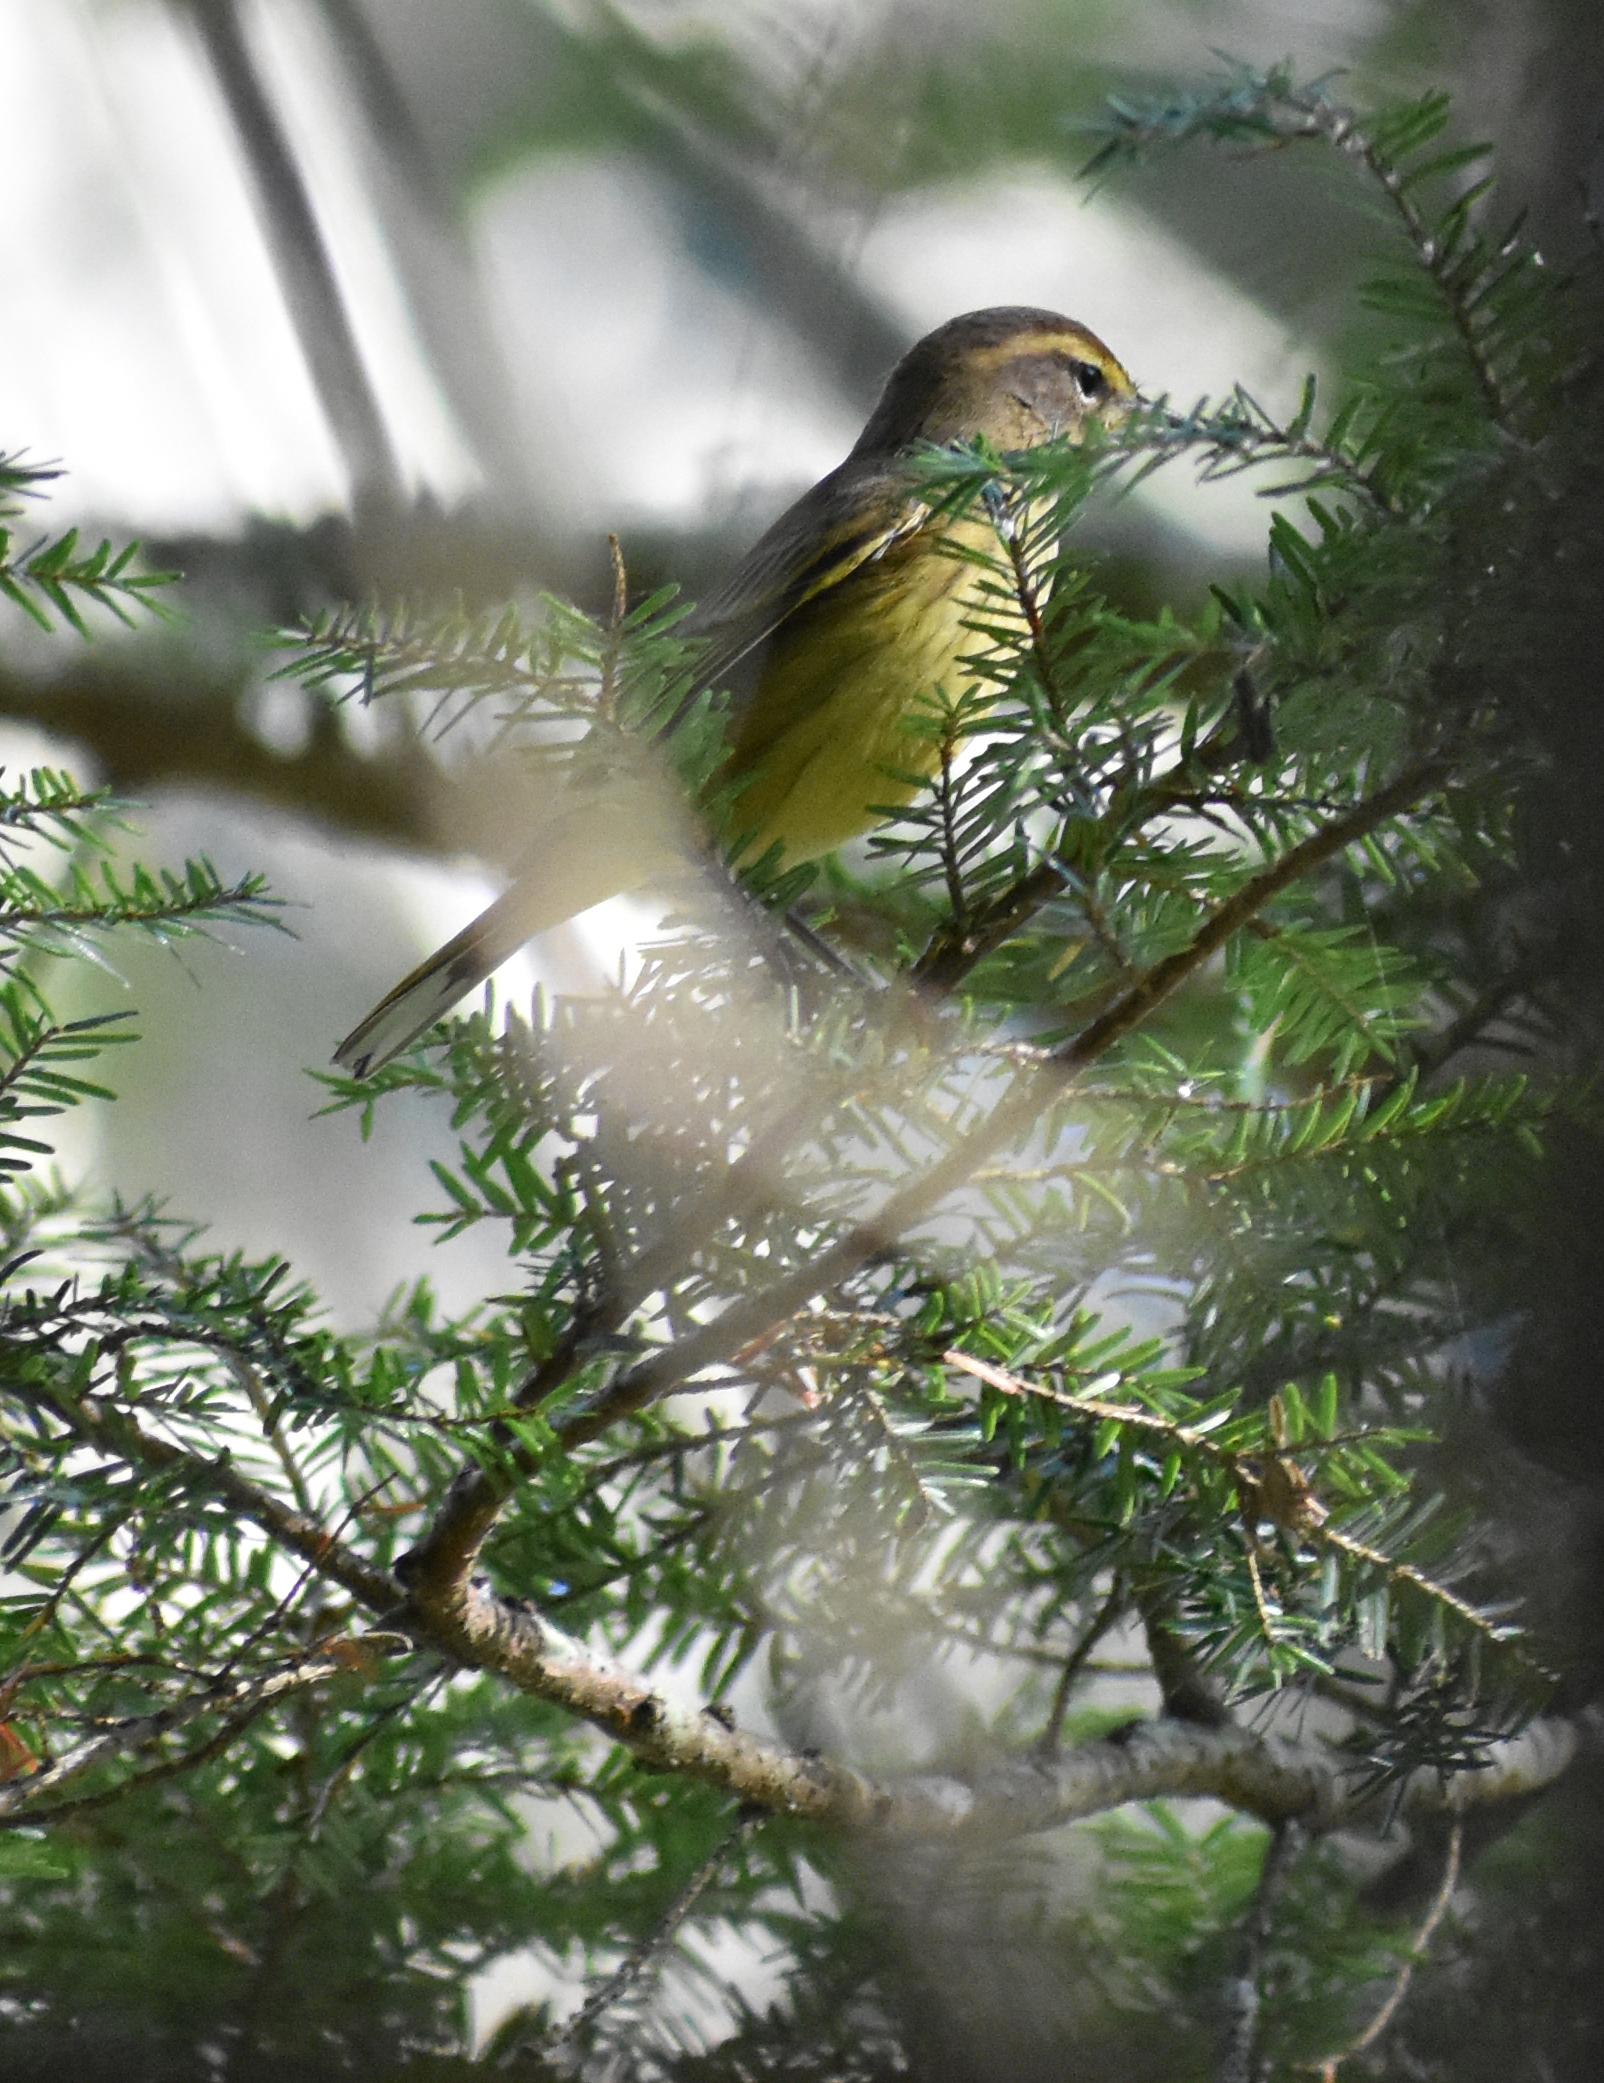 Palm Warbler in Eastern Hemlock